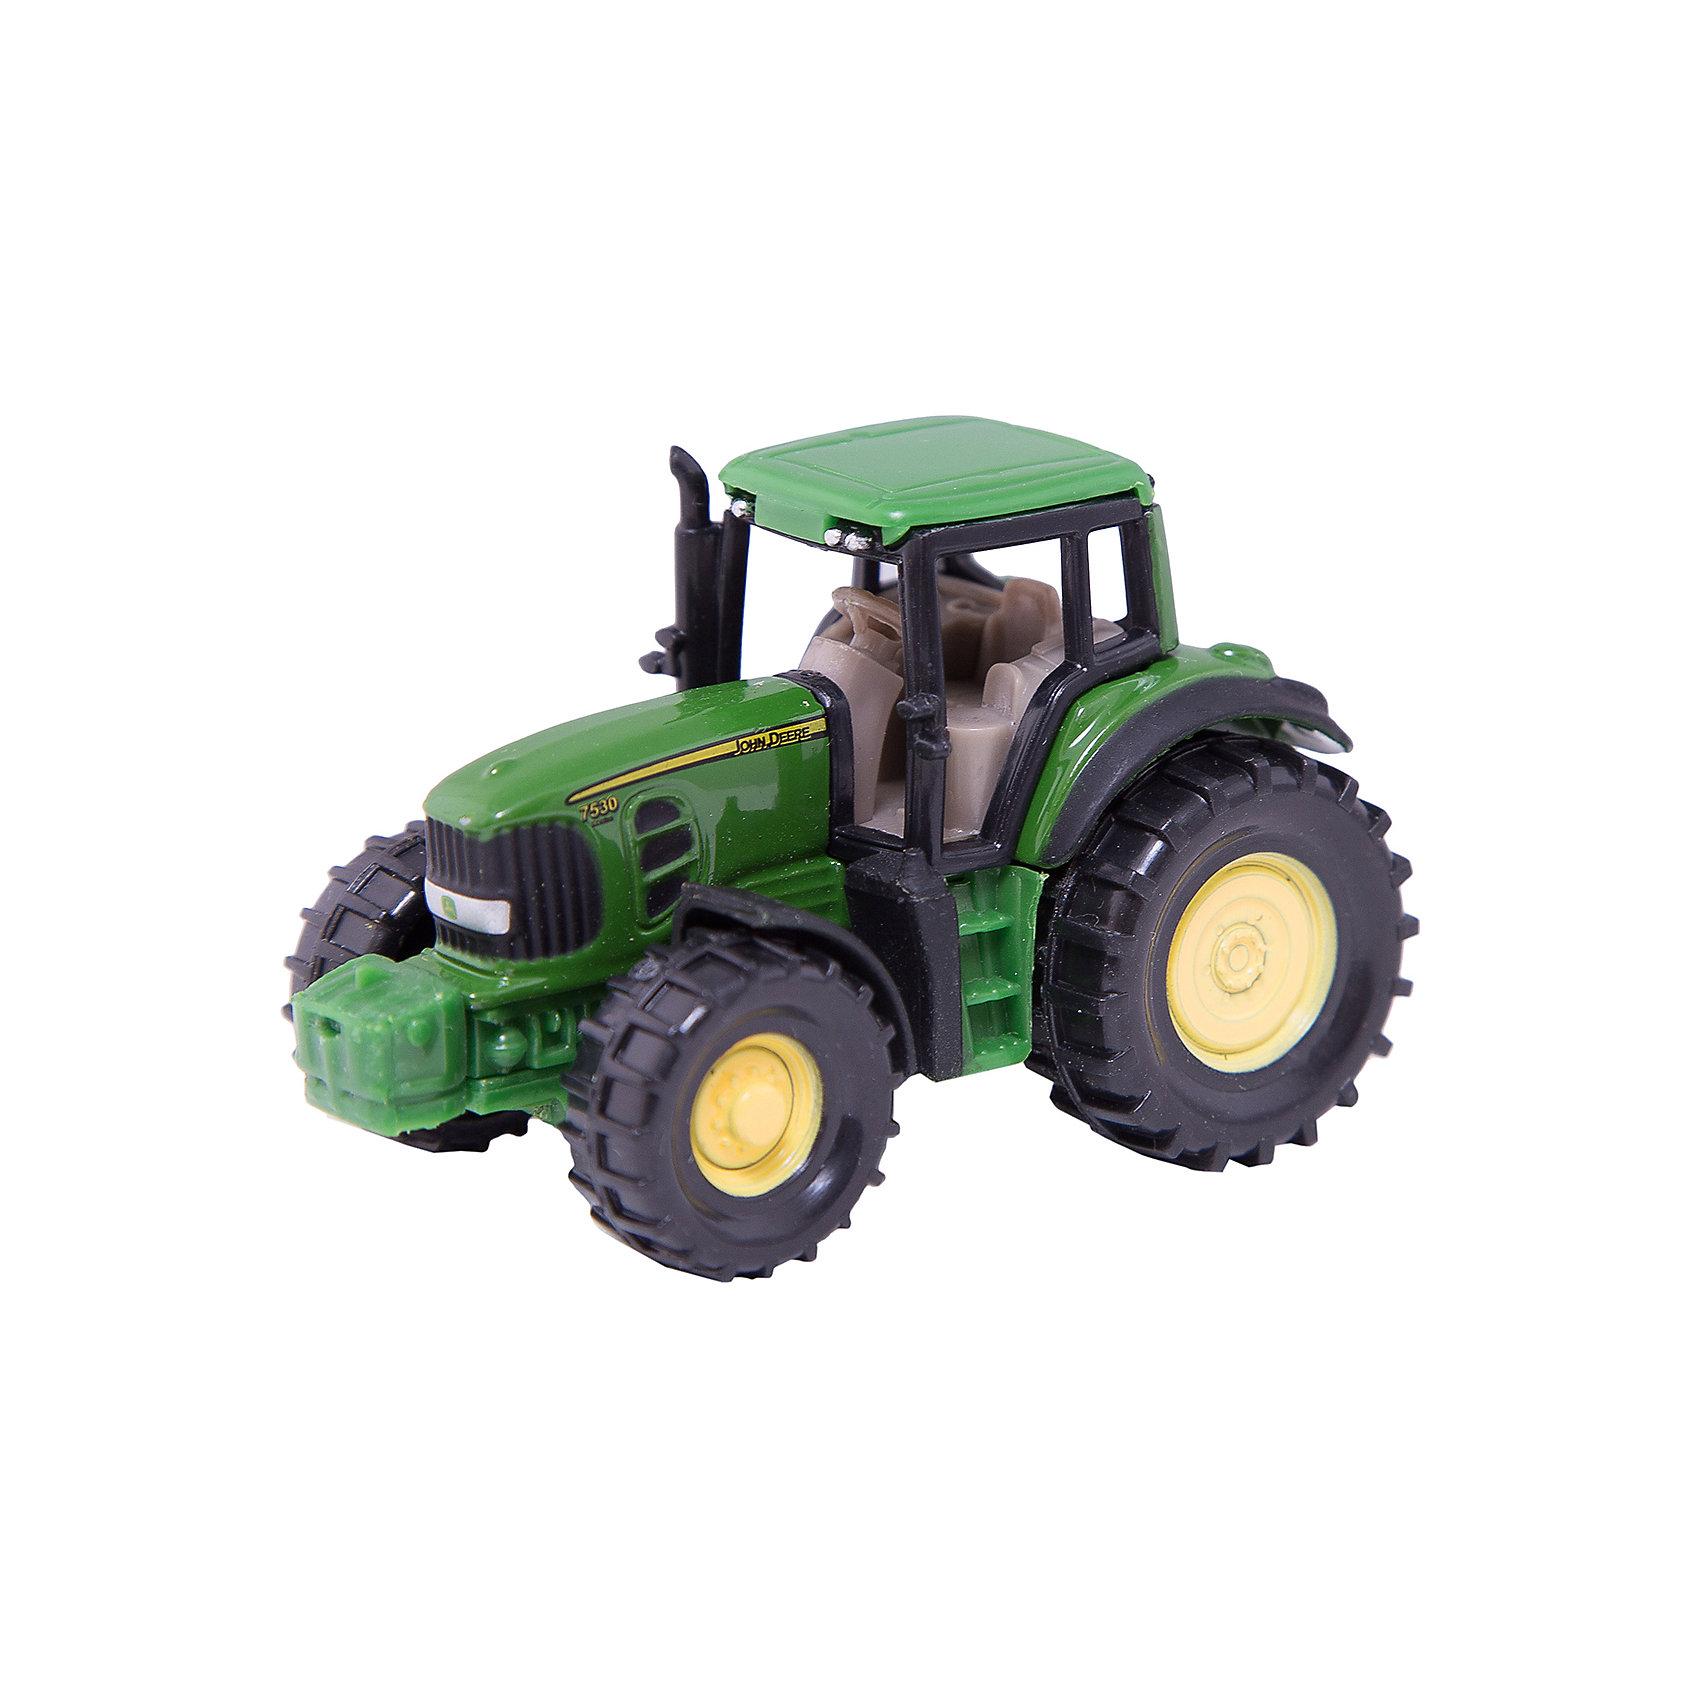 цена на SIKU SIKU 1009 Трактор John Deere 7530